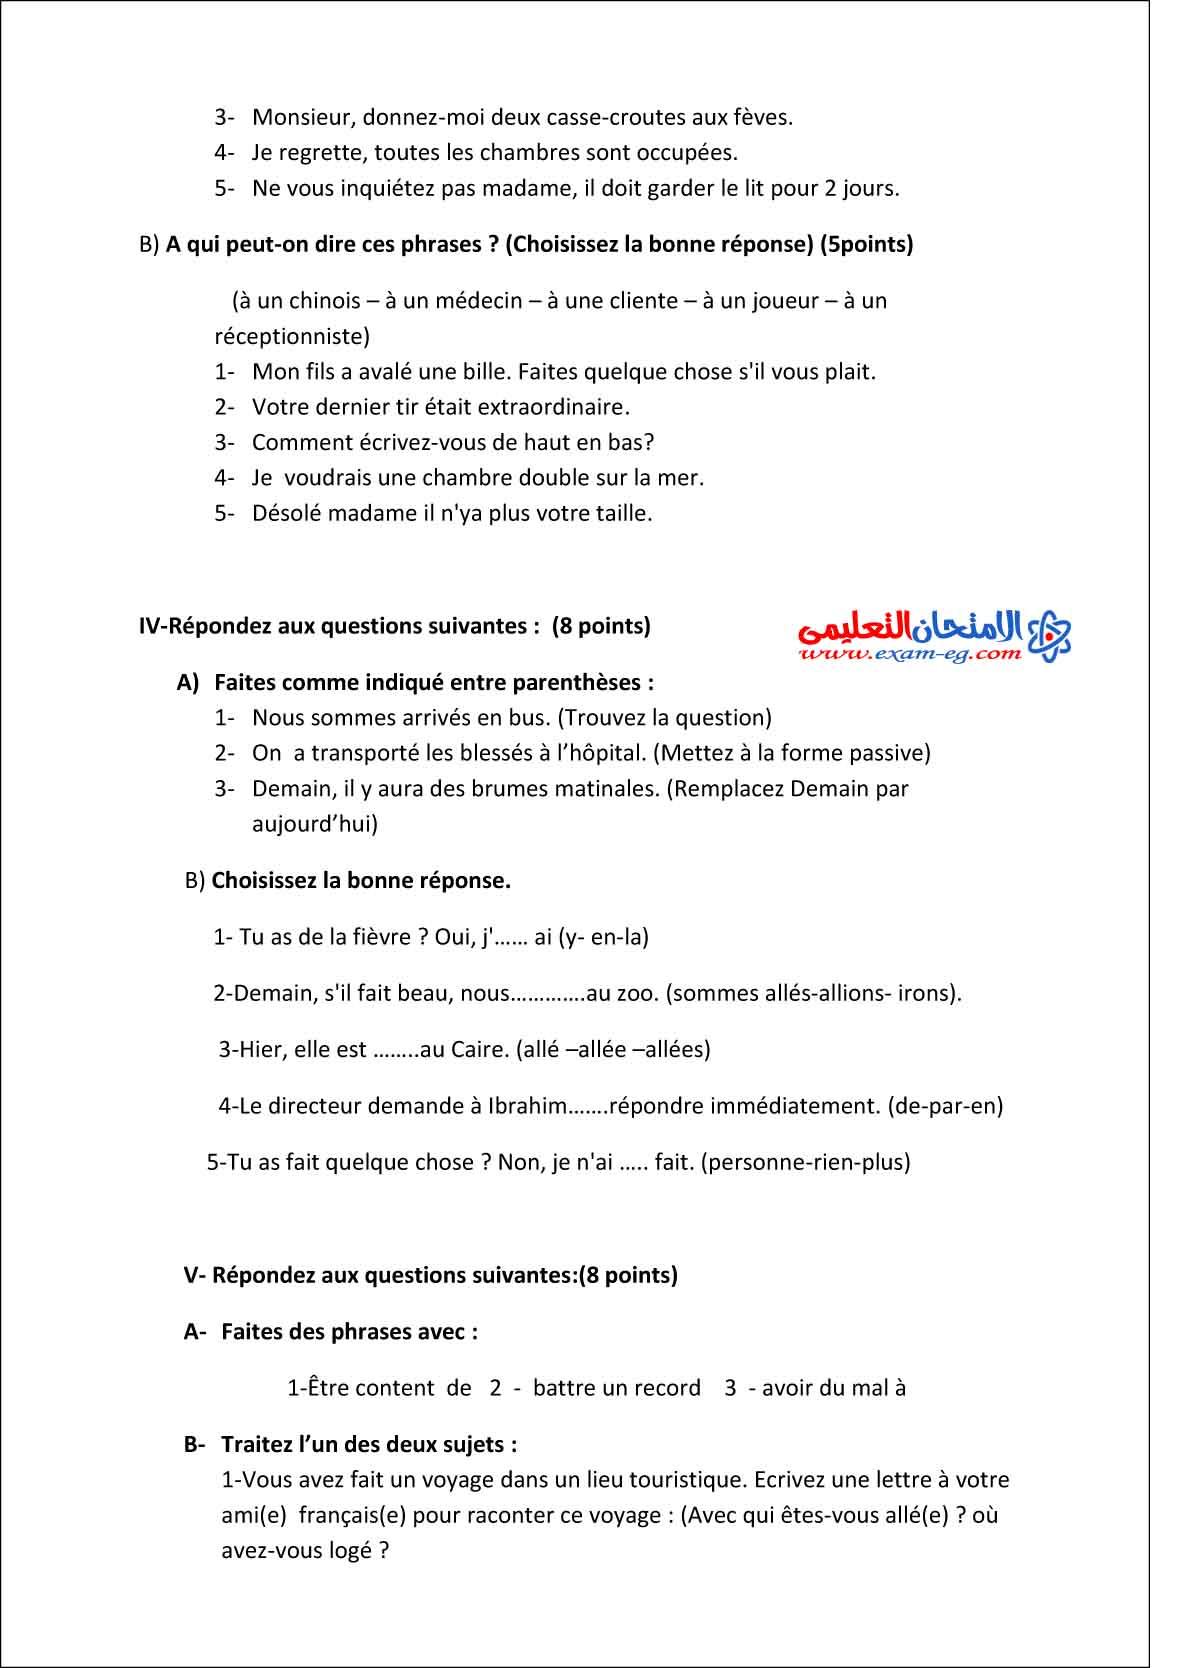 امتحان الوزارة فى اللغة الفرنسية 2